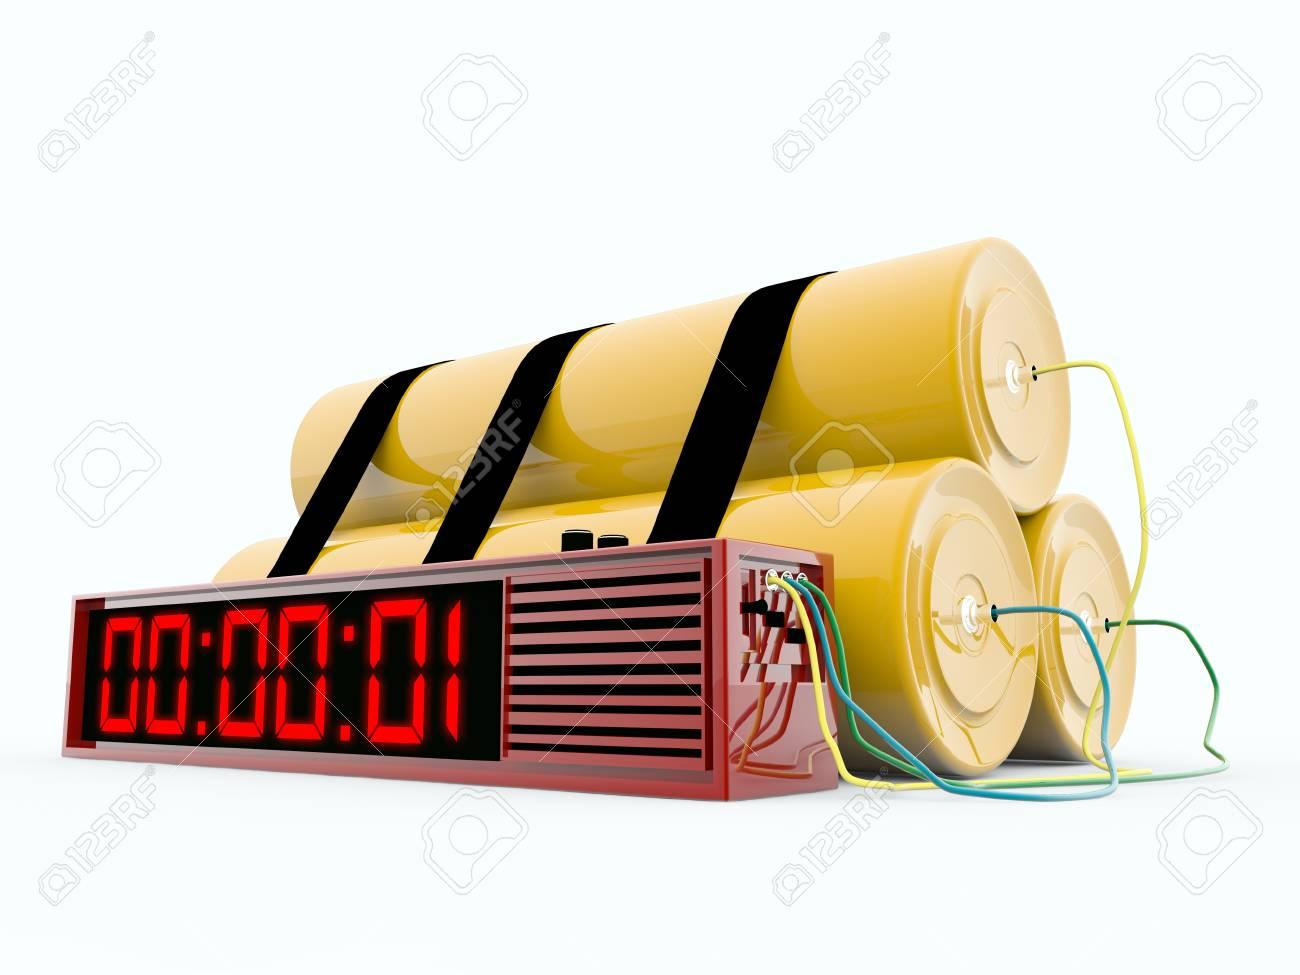 bomb isolated on white background Stock Photo - 9056320